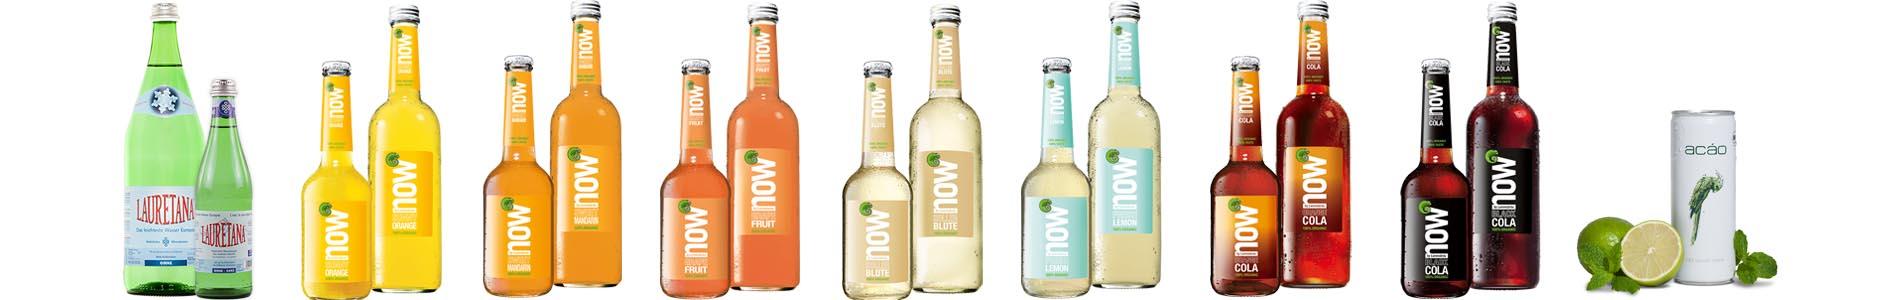 Now Bio Limonade bestellen in München | Burger-Buben.de